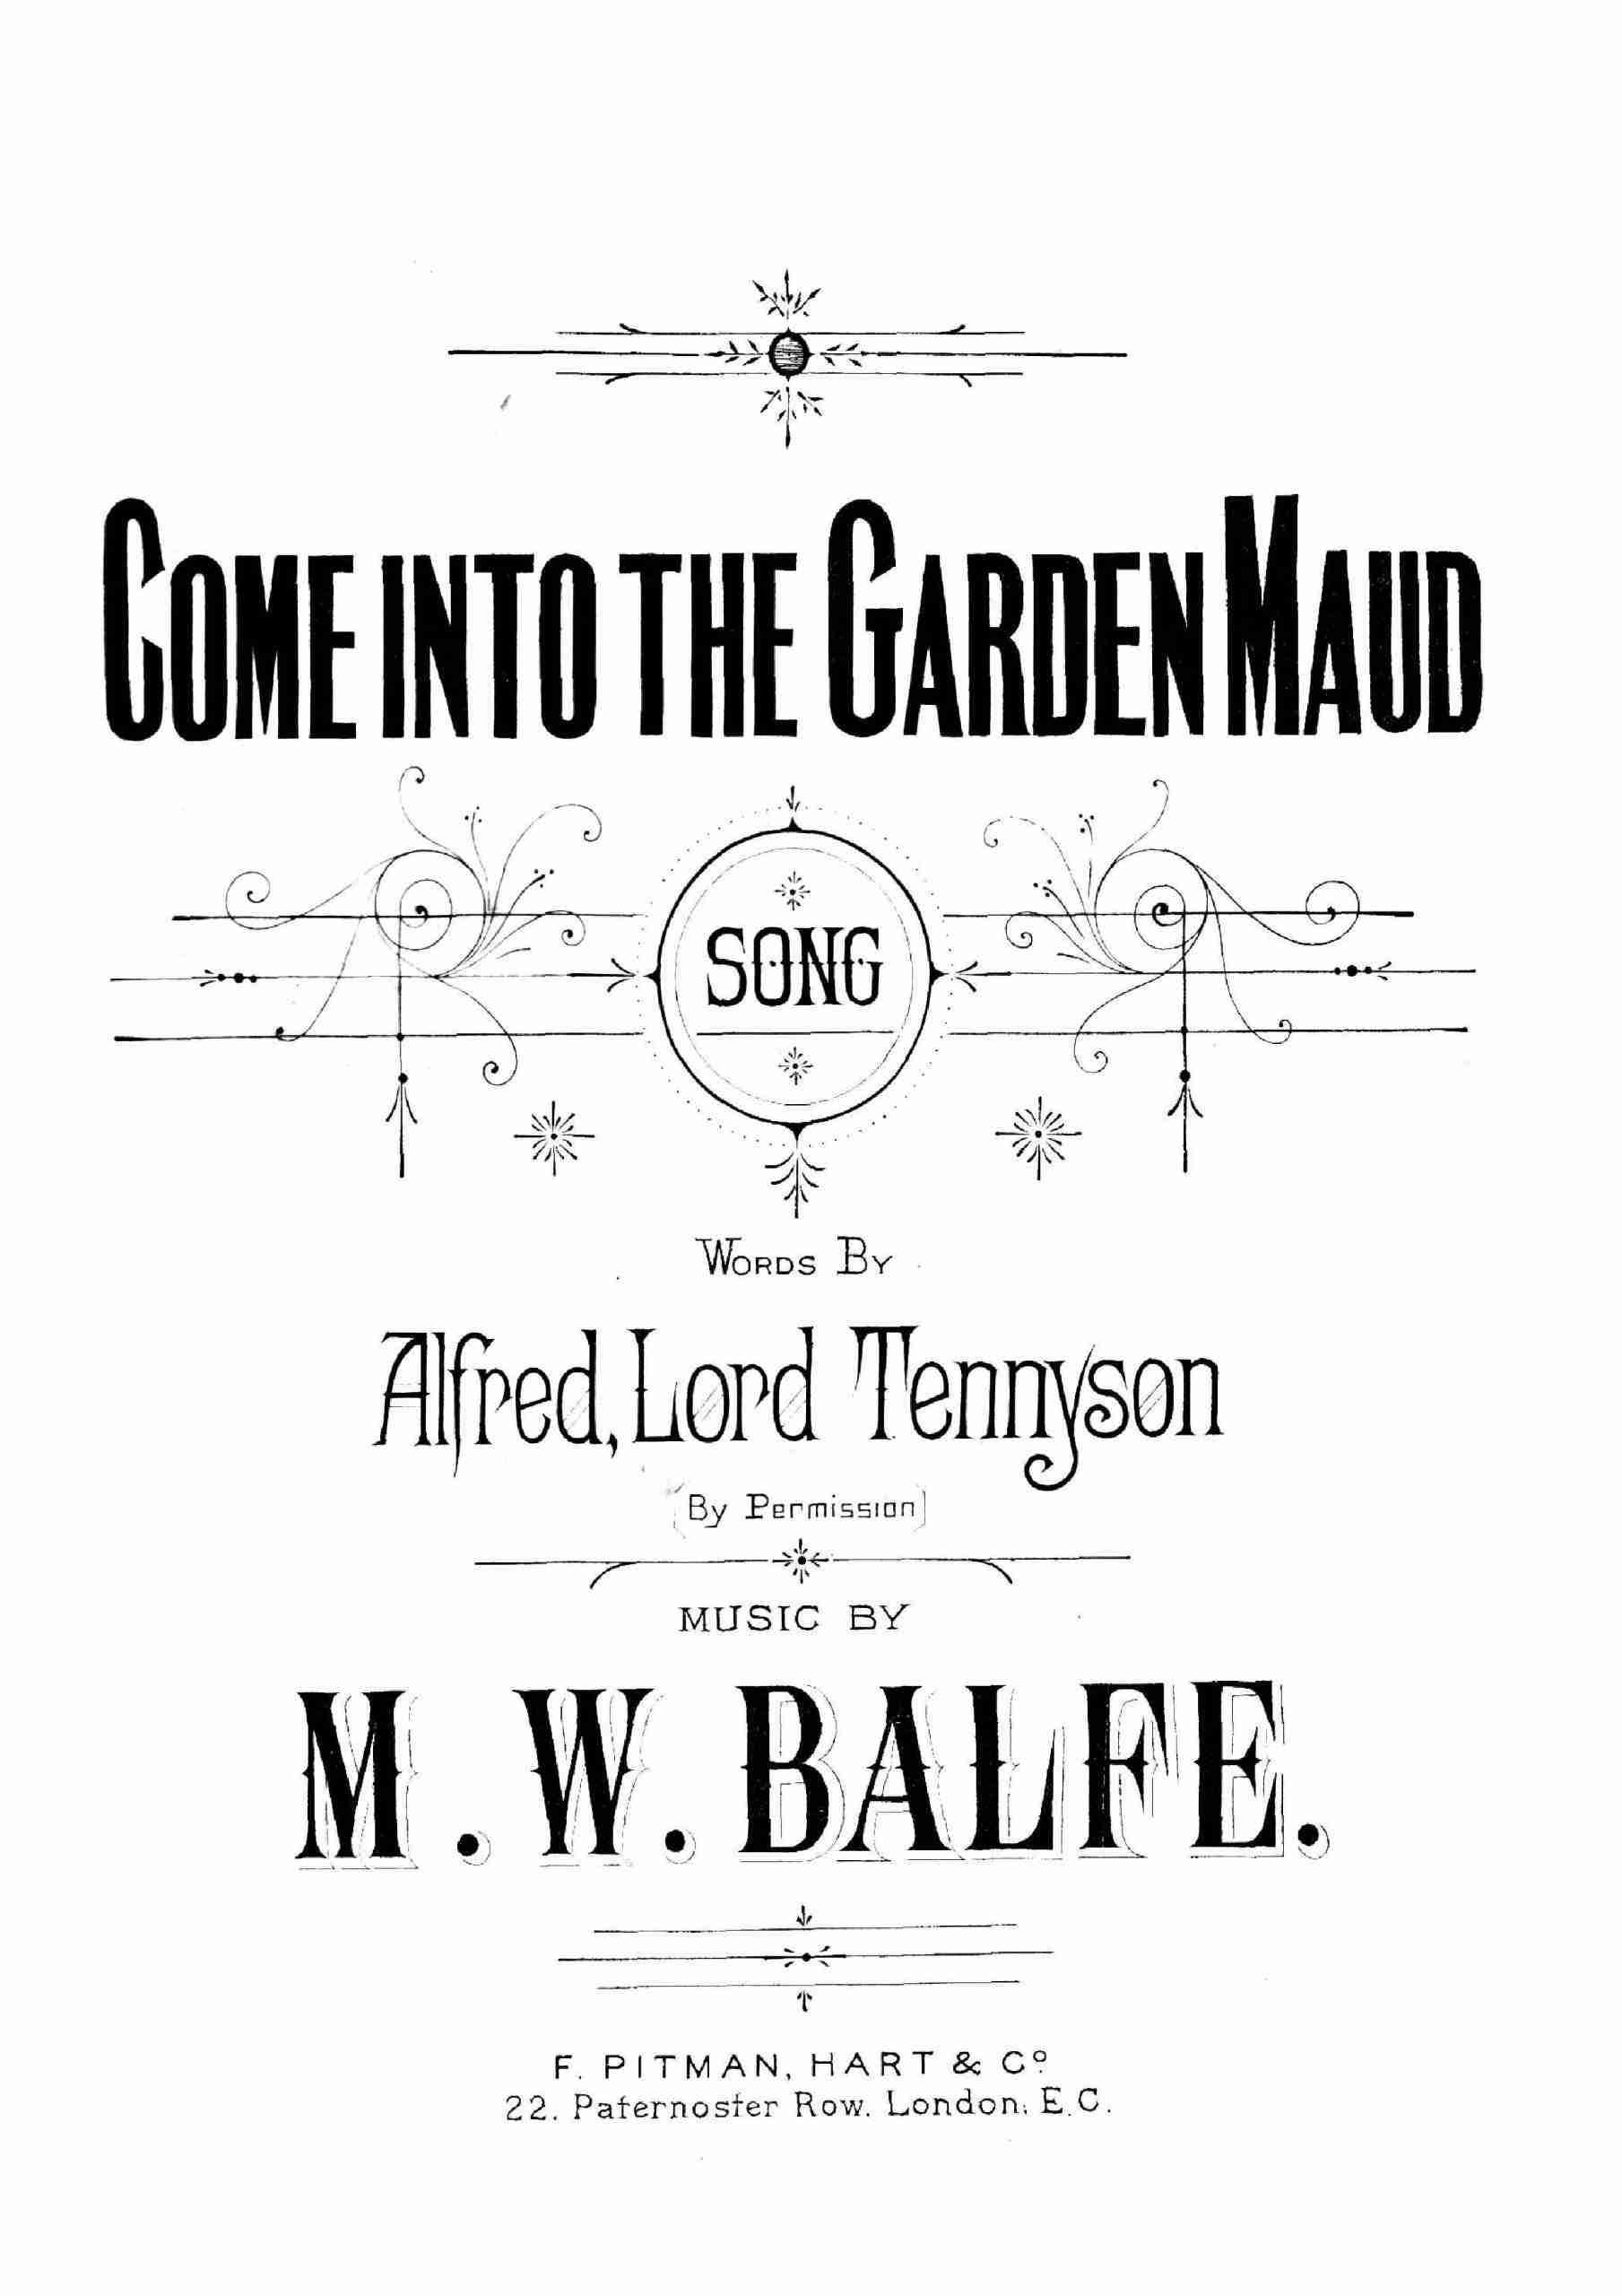 Balfe, Michael William - Come into the Garden, Maud